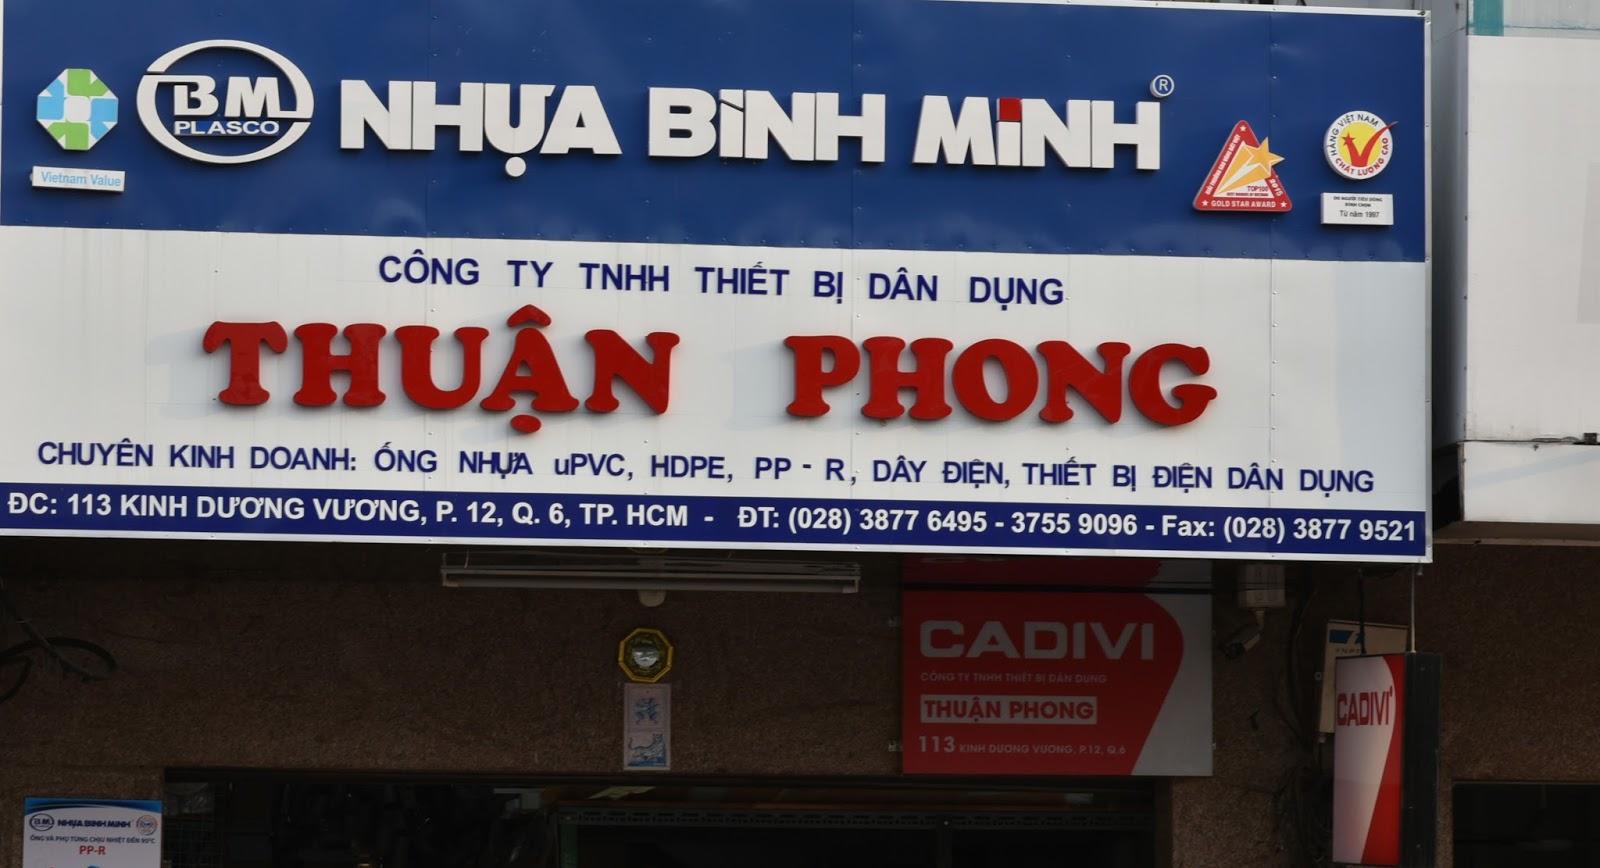 Công ty TNHH thiết bị dân dụng Thuận Phong  Địa chỉ: 113 Kinh Dương Vương, Phường 12, Quận 6, Tphcm.  Hotline nhận bảng giá và chiết khấu: 0906.123.723